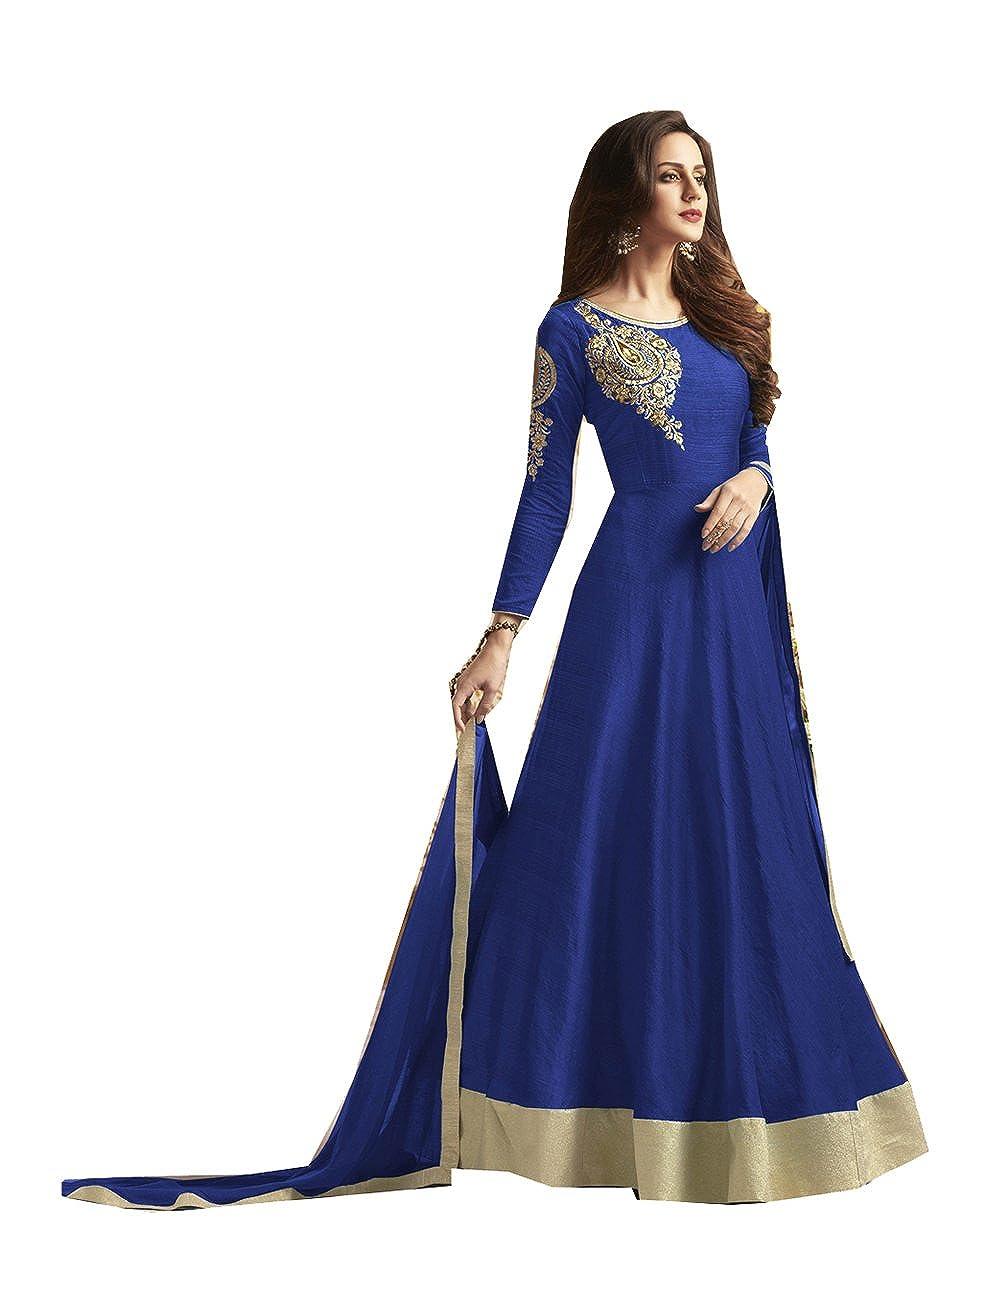 Indian Women Designer Partywear Ethnic Traditonal Anarkali Salwar Kameez. RCL-29095